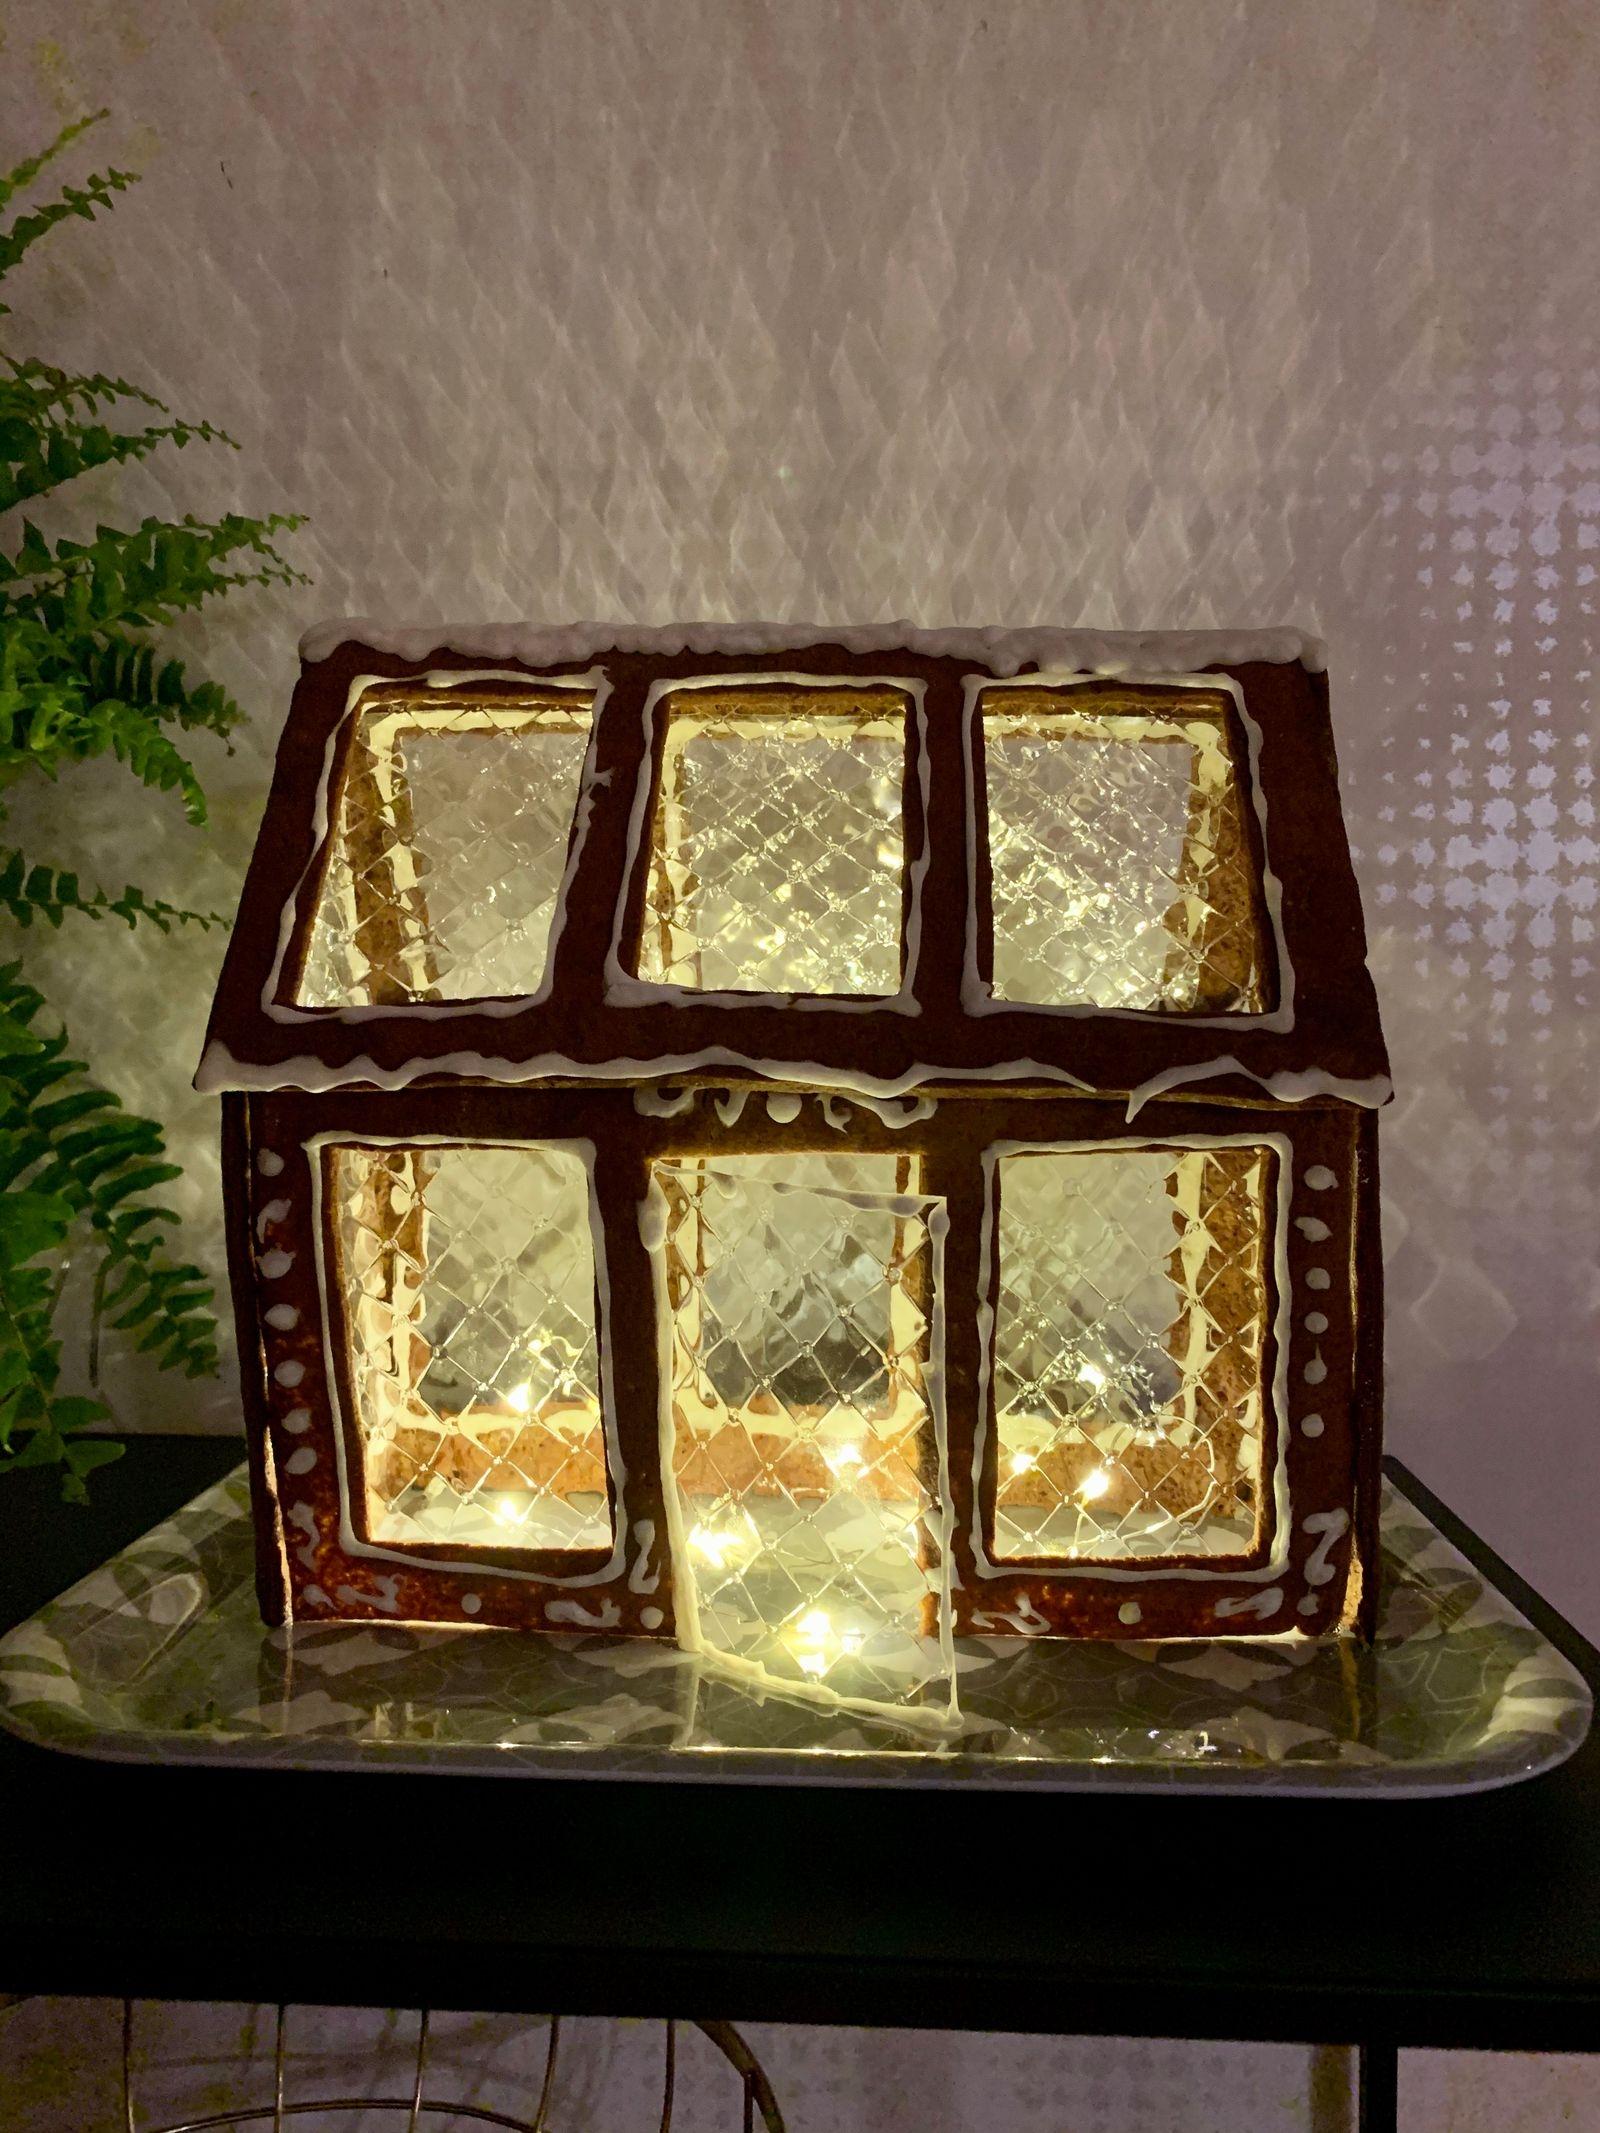 """""""Mitt pepparkakshus är i år ett växthus. Fönstren är gjorda av gelatinblad som skapar ett mysigt sken! Nu saknas bara lite granris runtomkring"""", skriver Ebba Nilsson Walldén."""